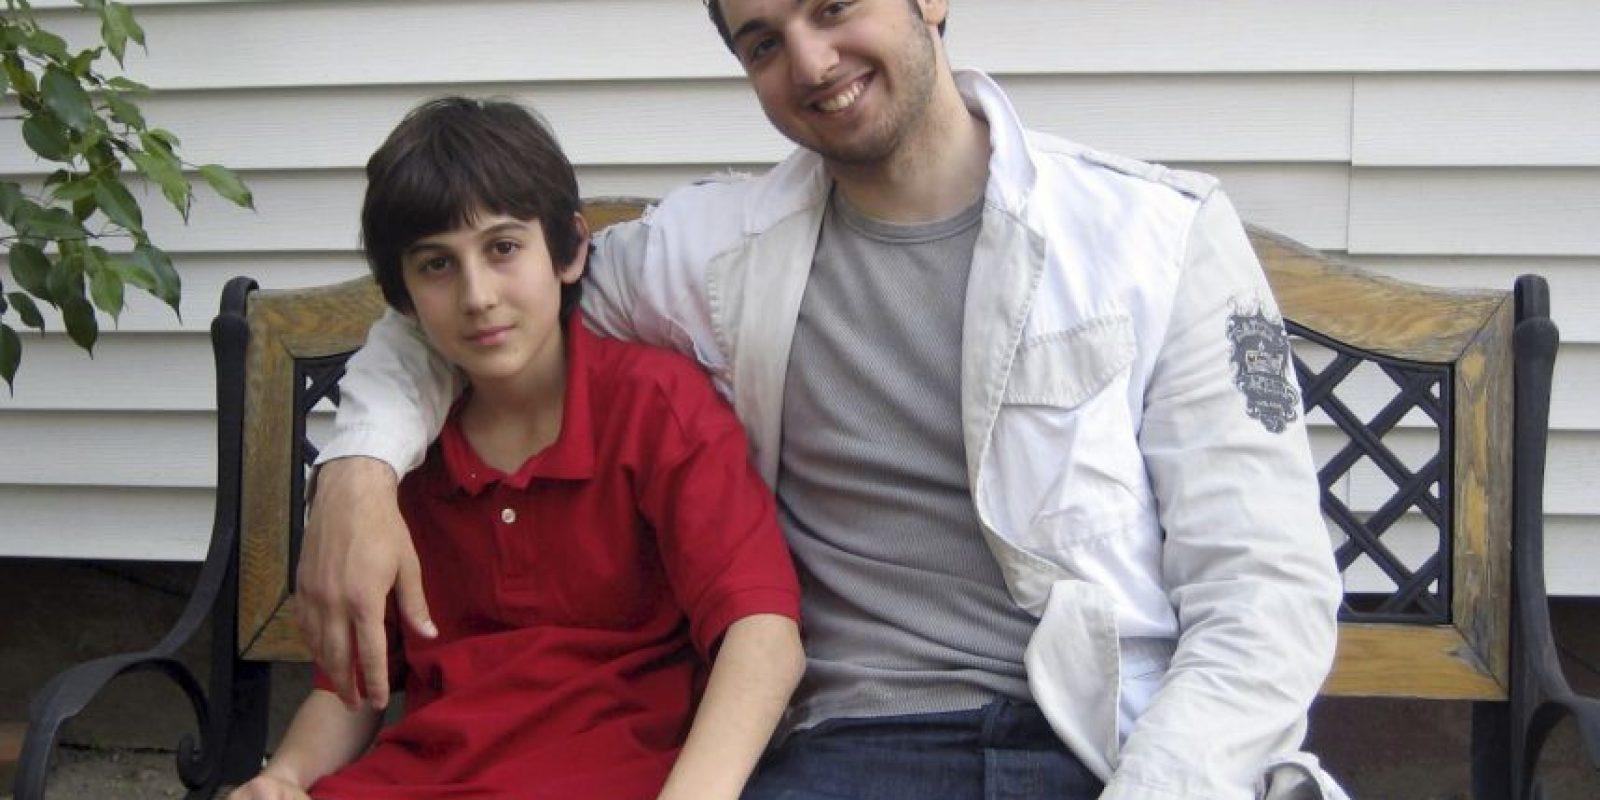 Los abogados de Tsarnaev están tratando de evitarle la pena de muerte, acusando a su hermano mayor Tamlerlan como quien planeó el atentado. Foto:AP